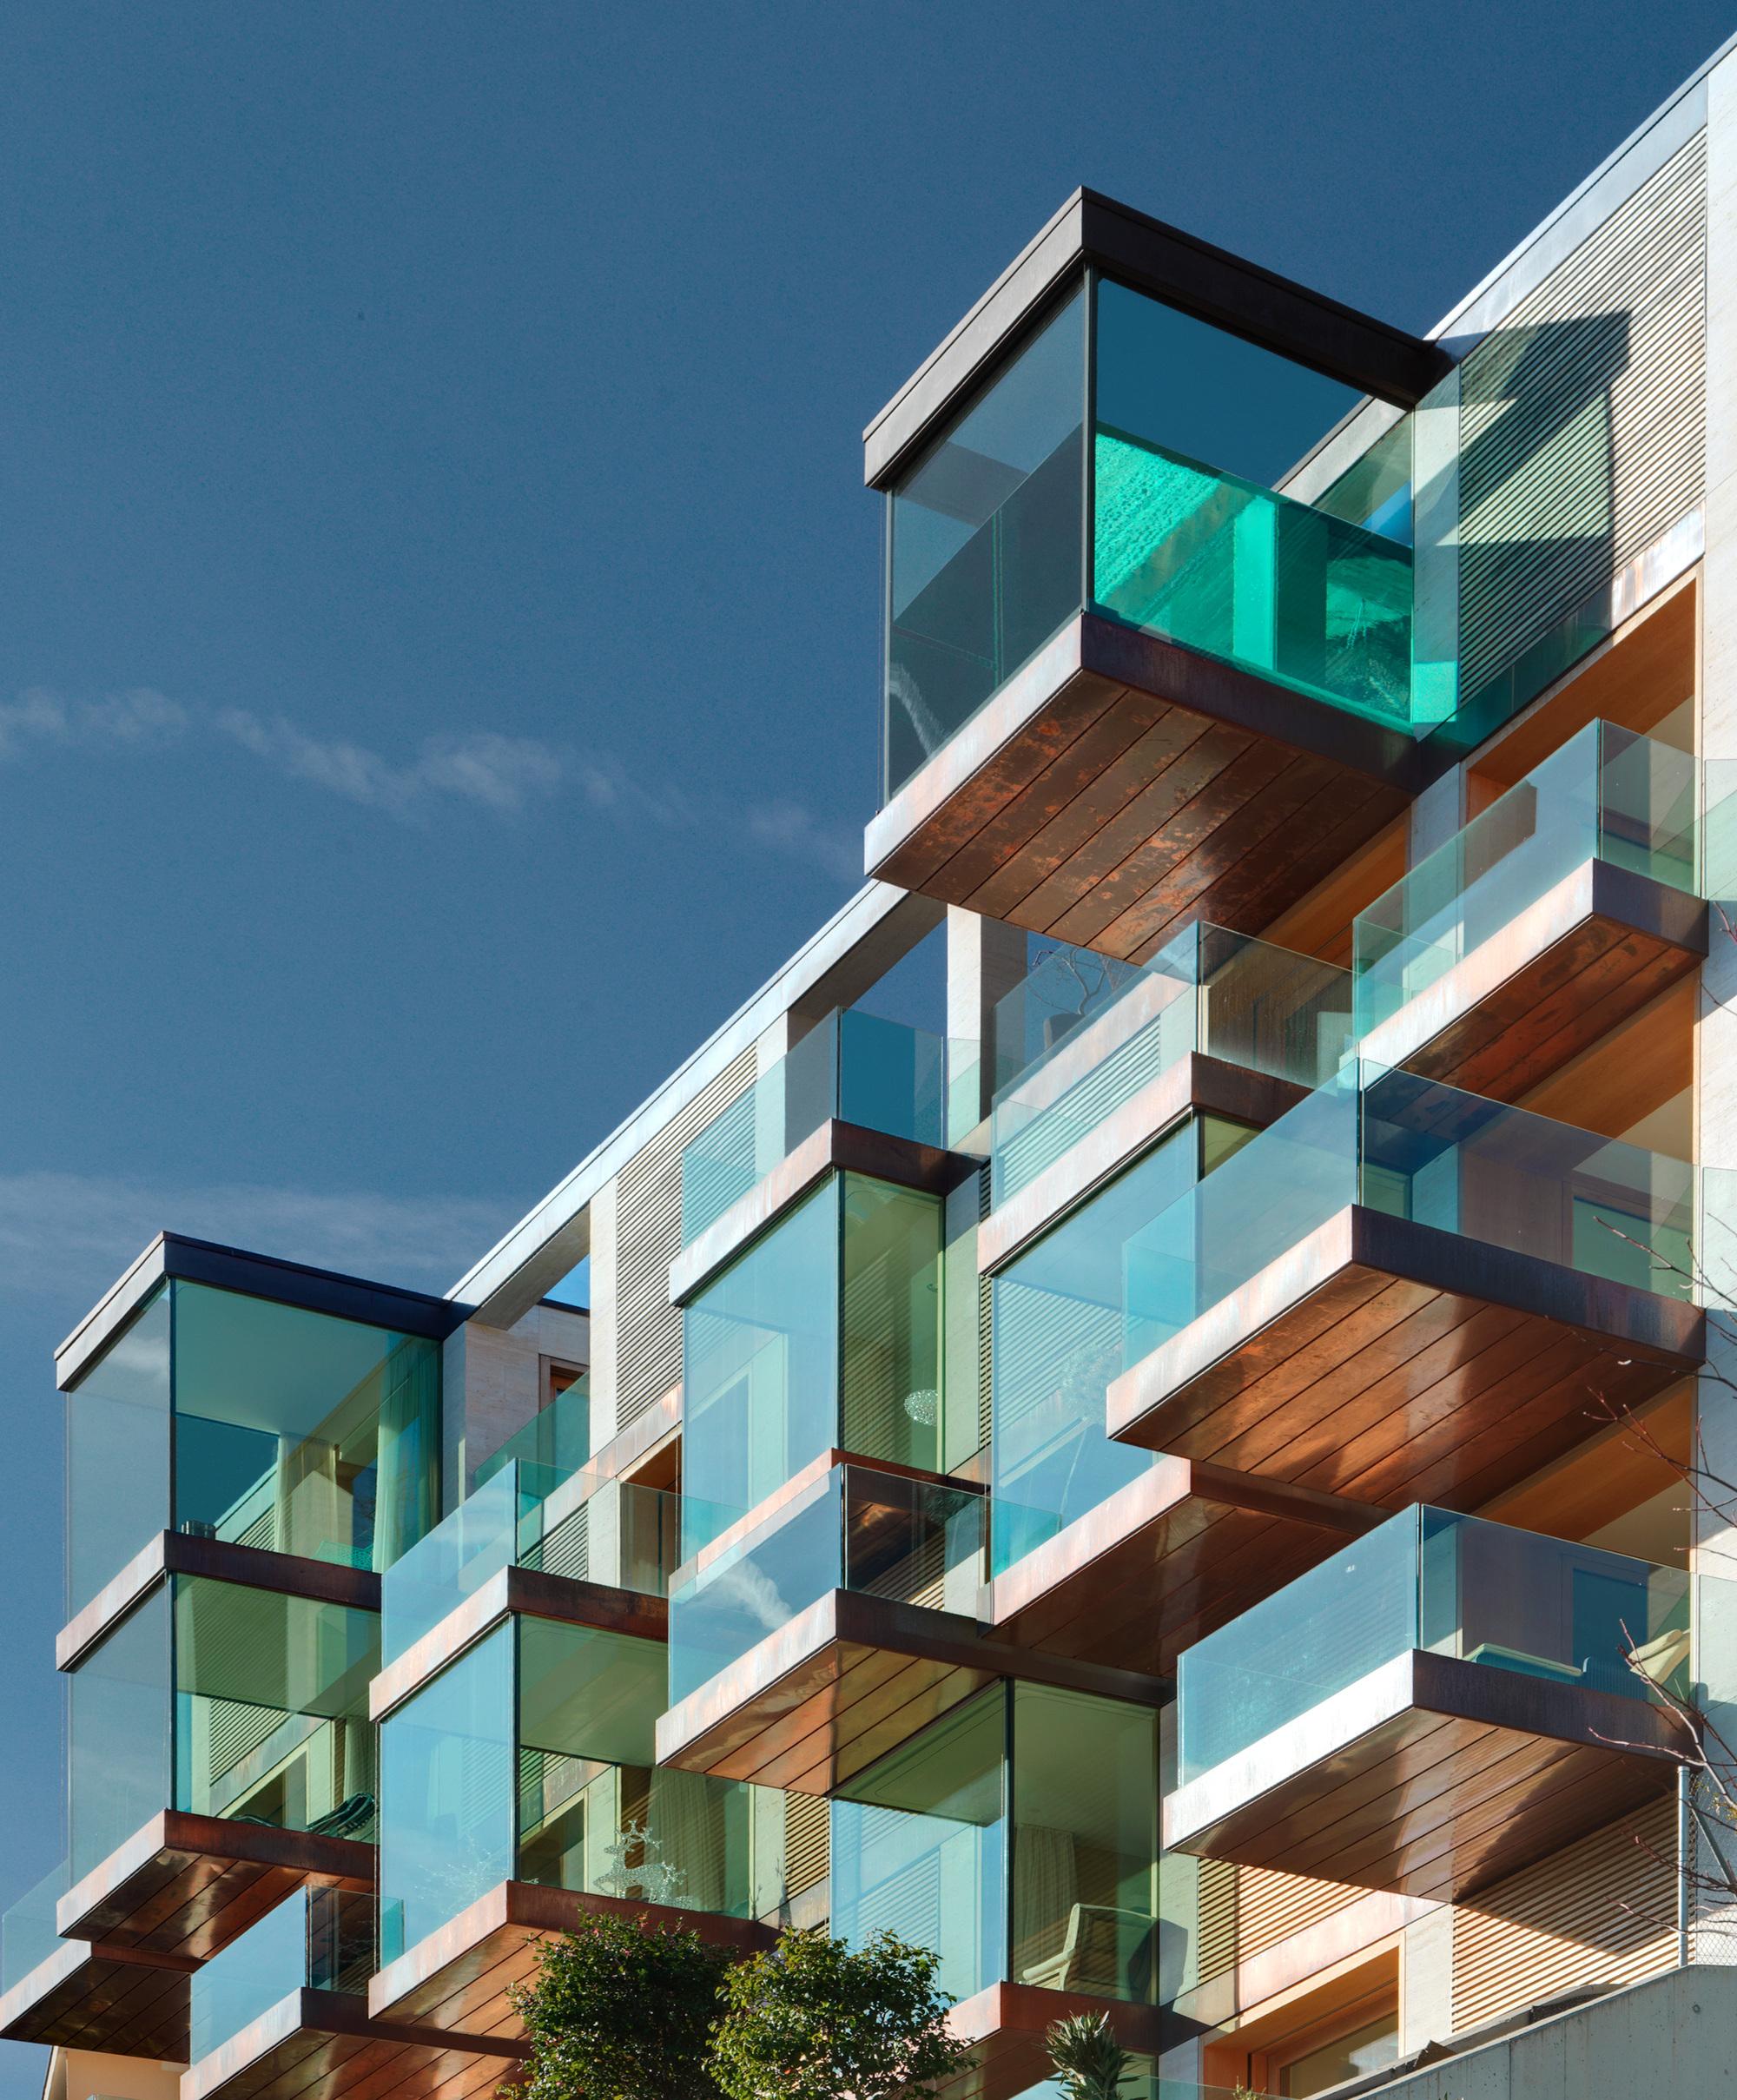 Urbanización de lujo con una fachada hecha de cubos de cristal 6